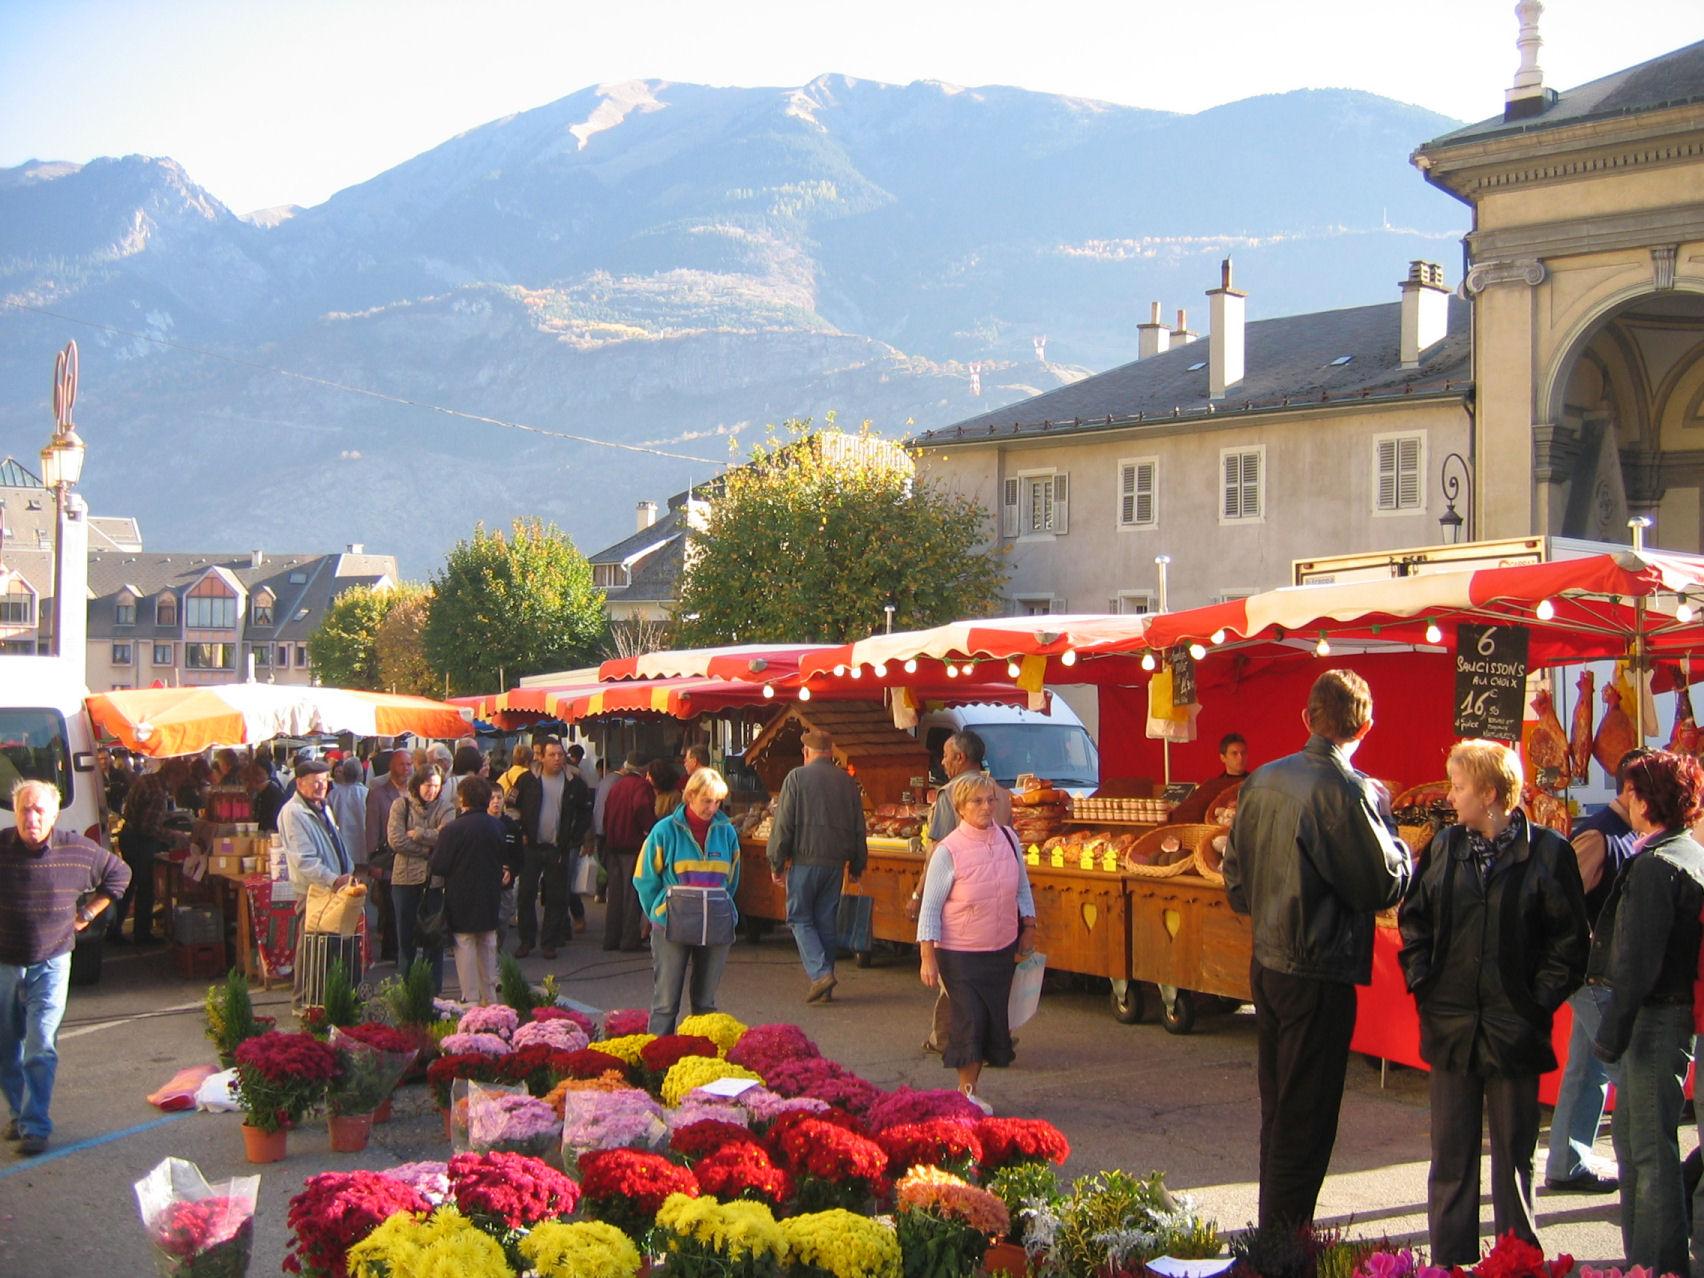 Le marché du samedi matin à Saint Jean © SPM